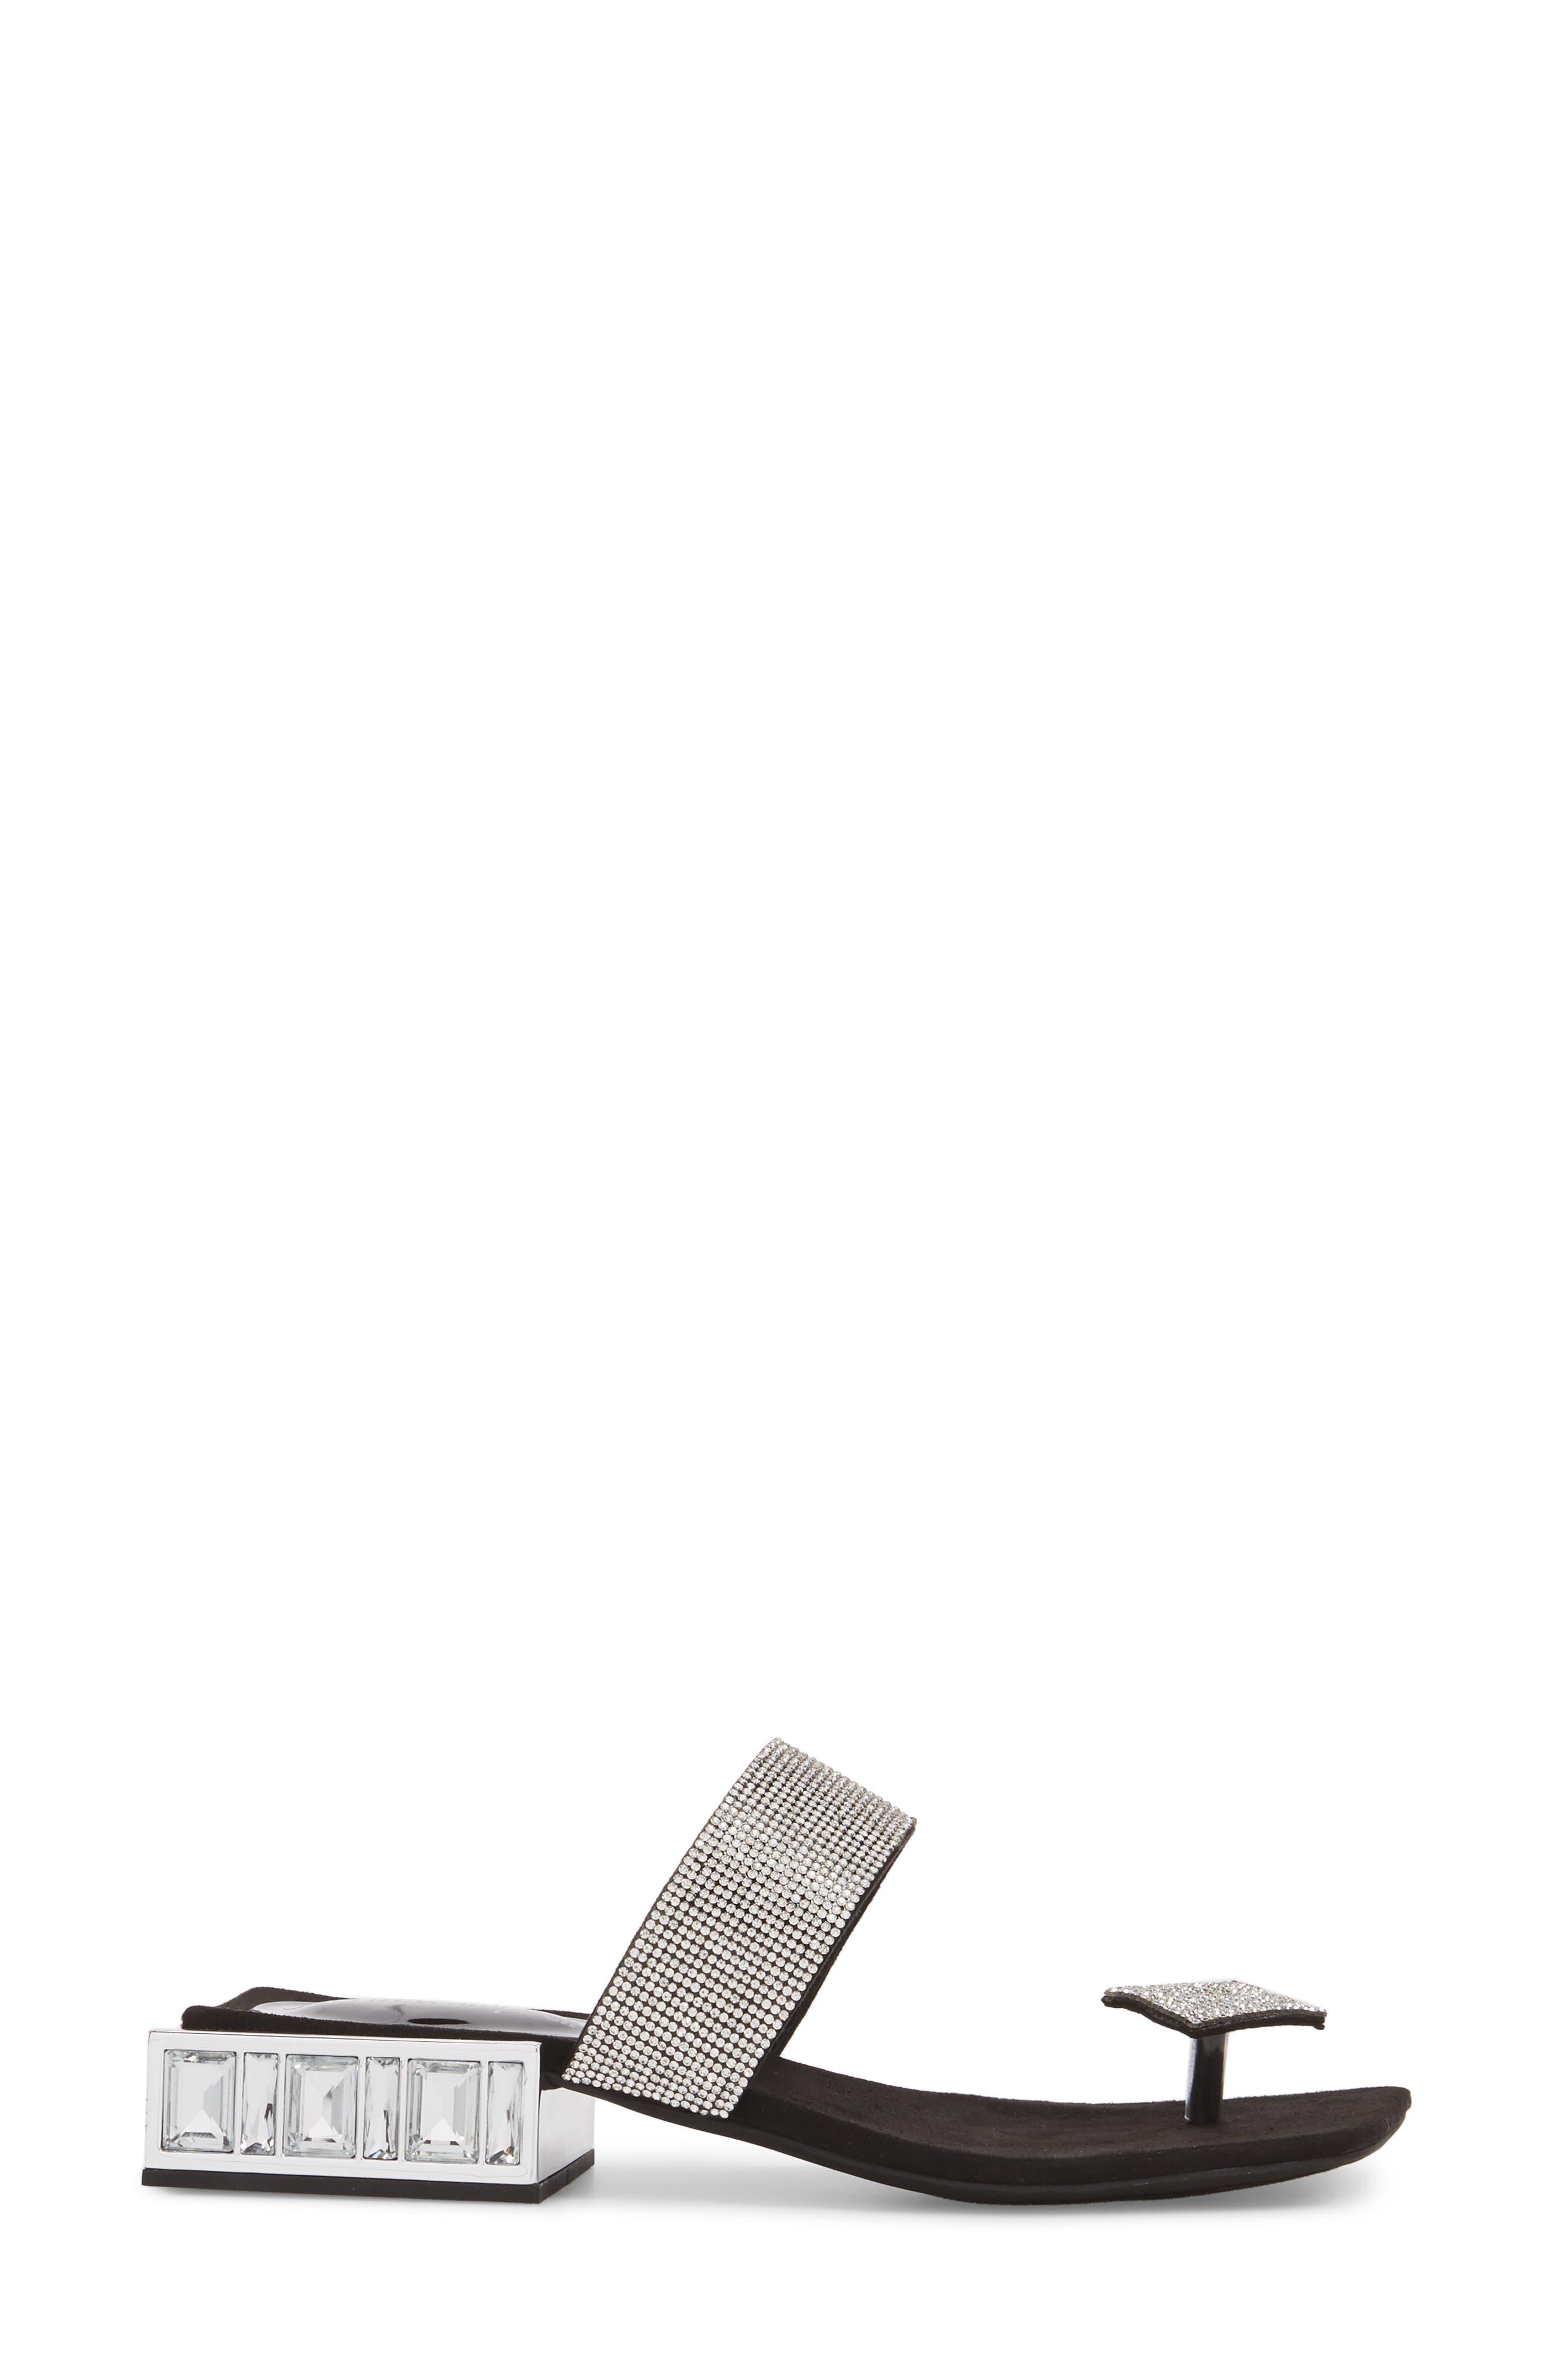 JEFFREY CAMPBELL, Alise Embellished Sandal, Alternate thumbnail 3, color, BLACK SUEDE/ SILVER